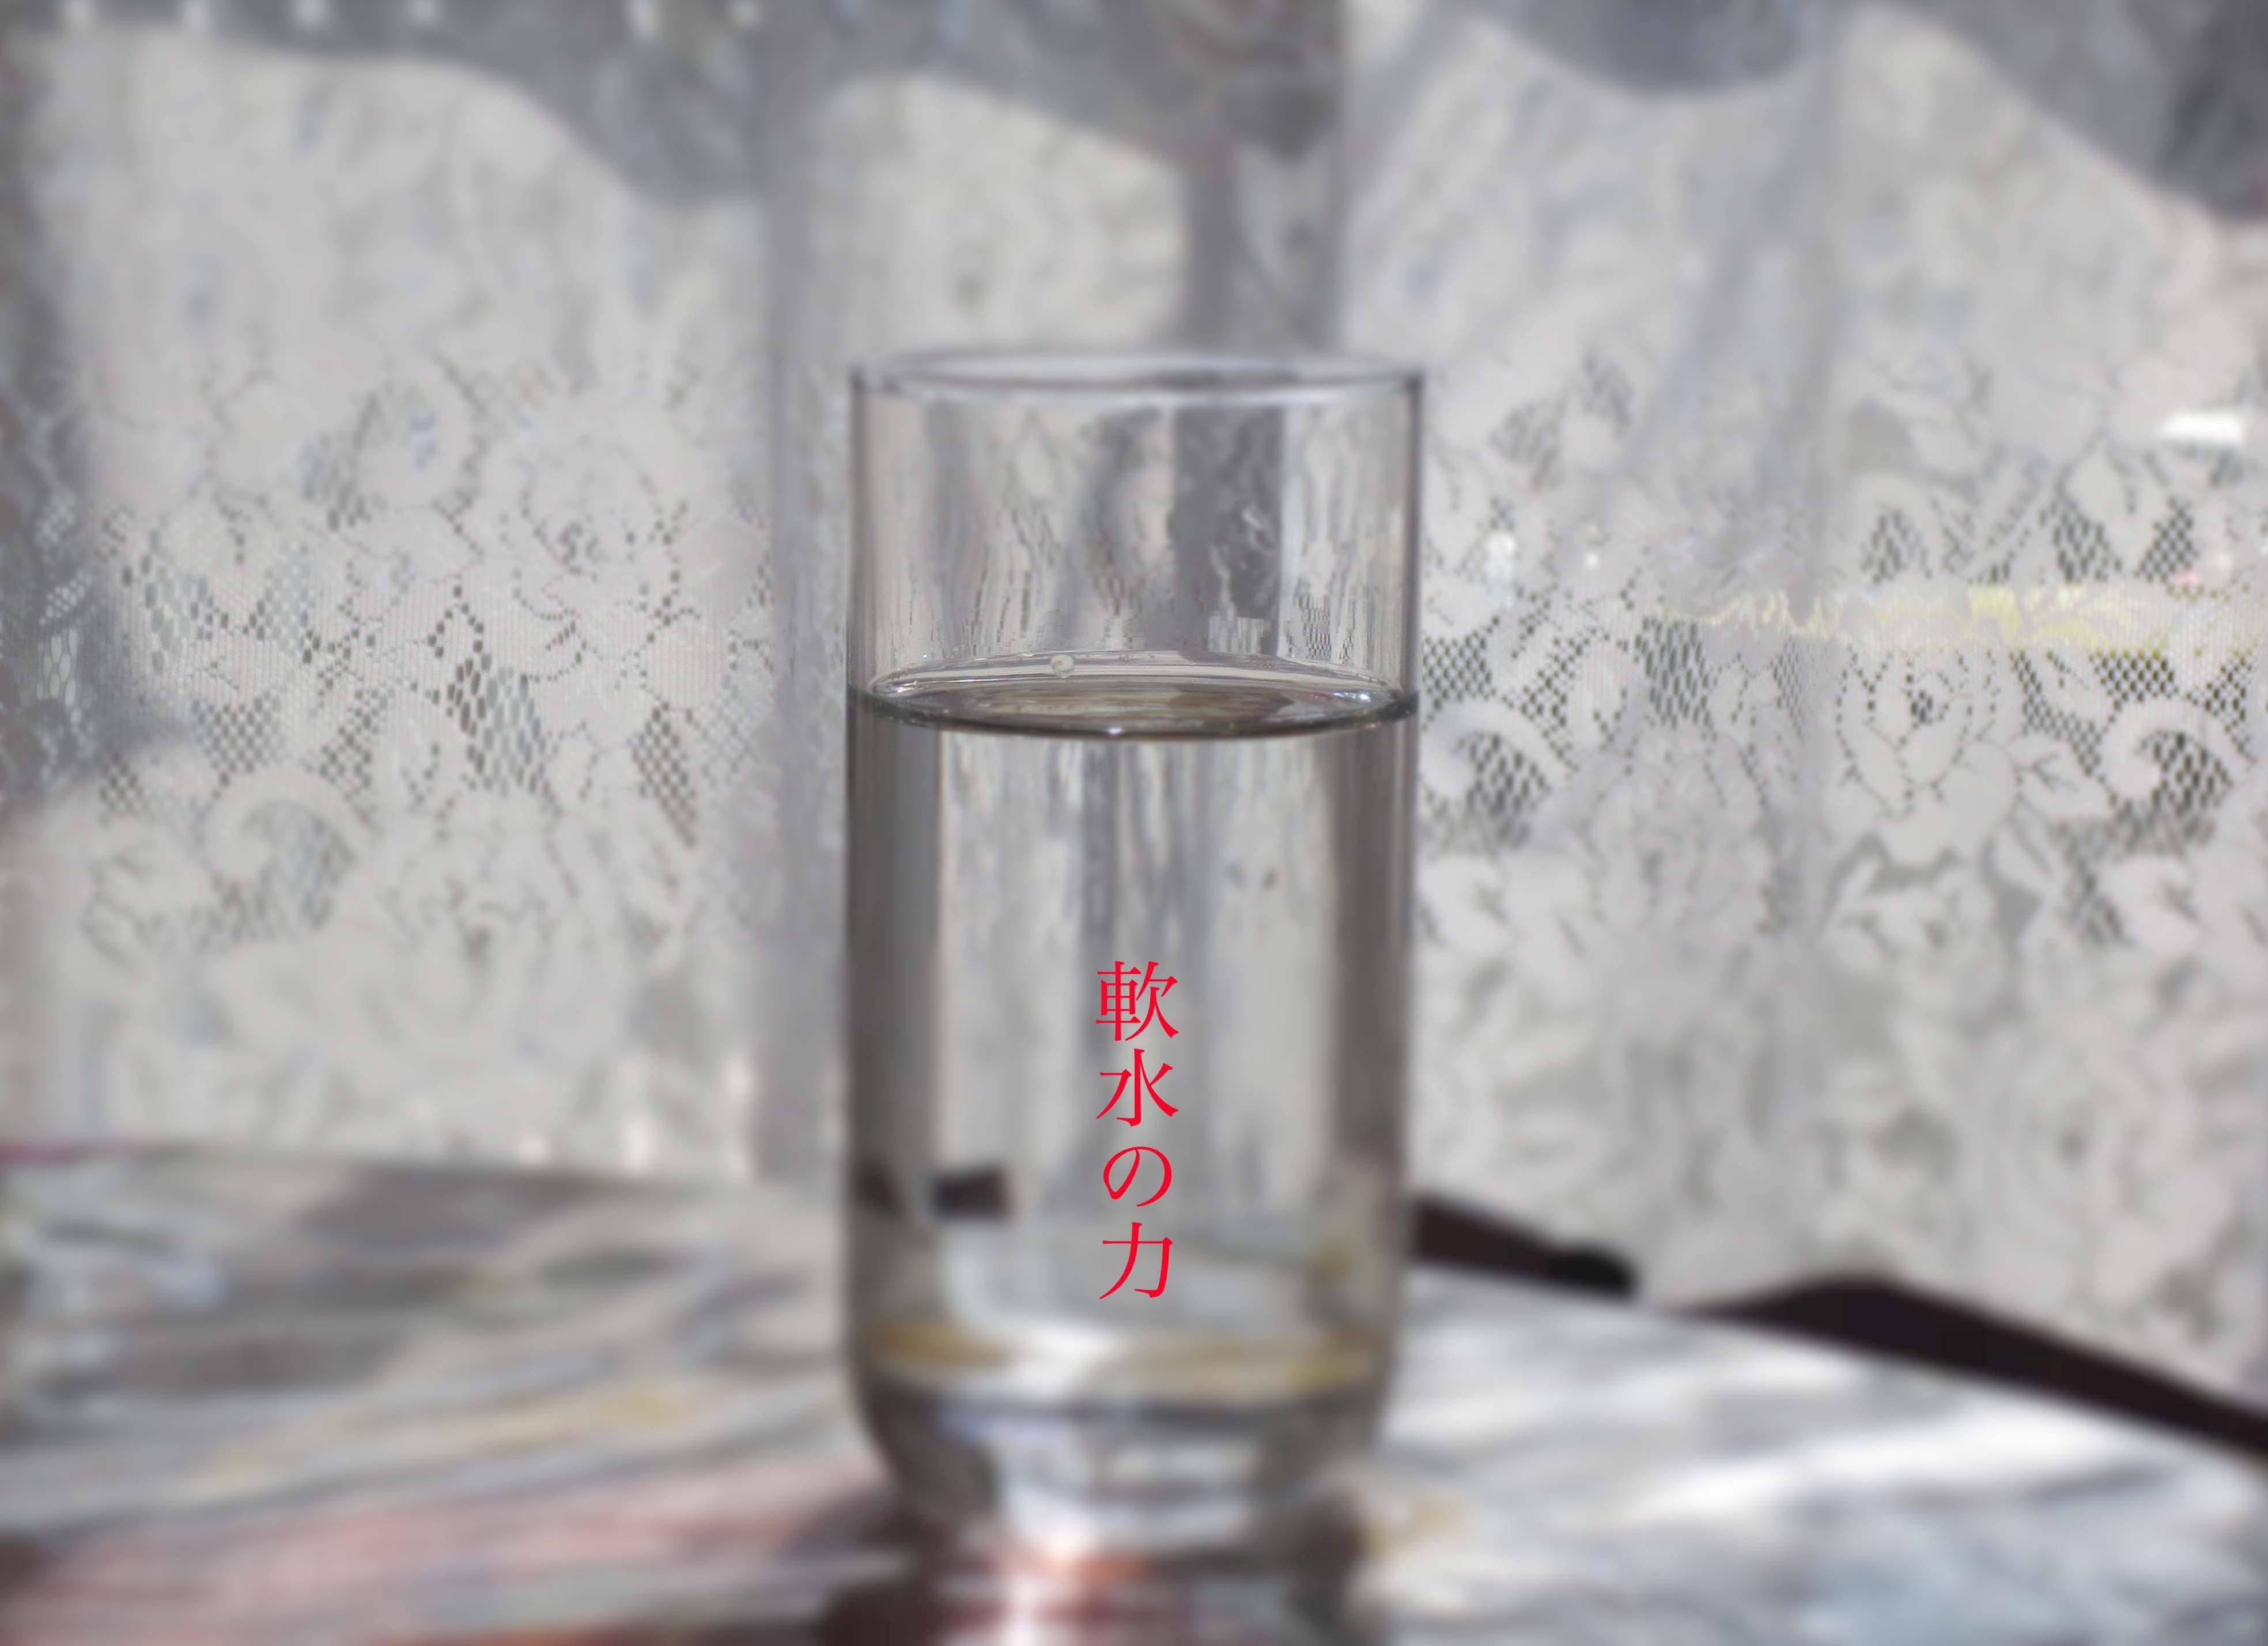 軟水の力を実感してます@日本滞在2014_c0179785_23221099.jpg